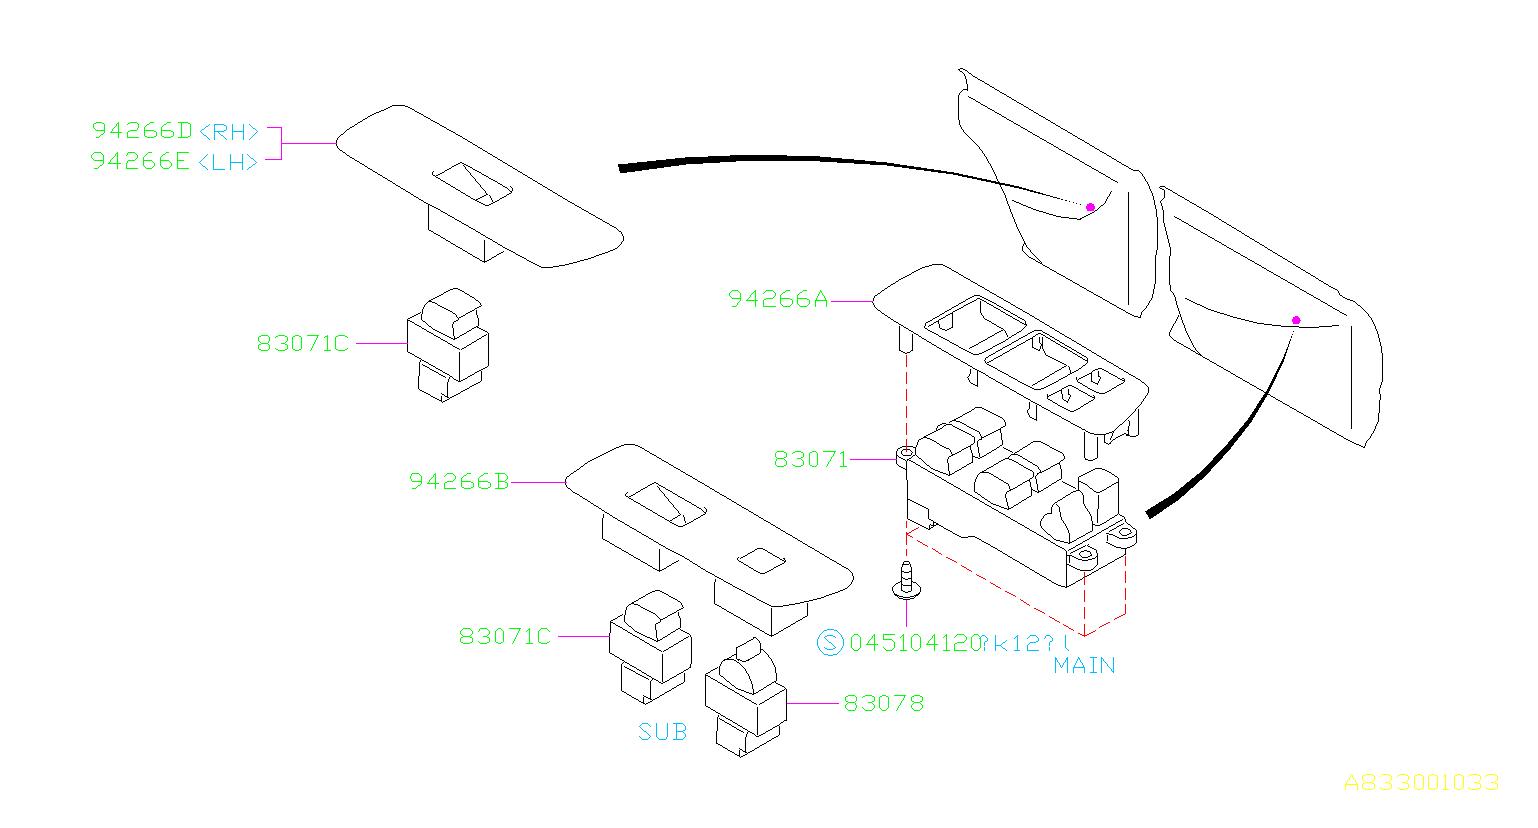 Subaru Impreza Panel-power window sub switch, rear lh